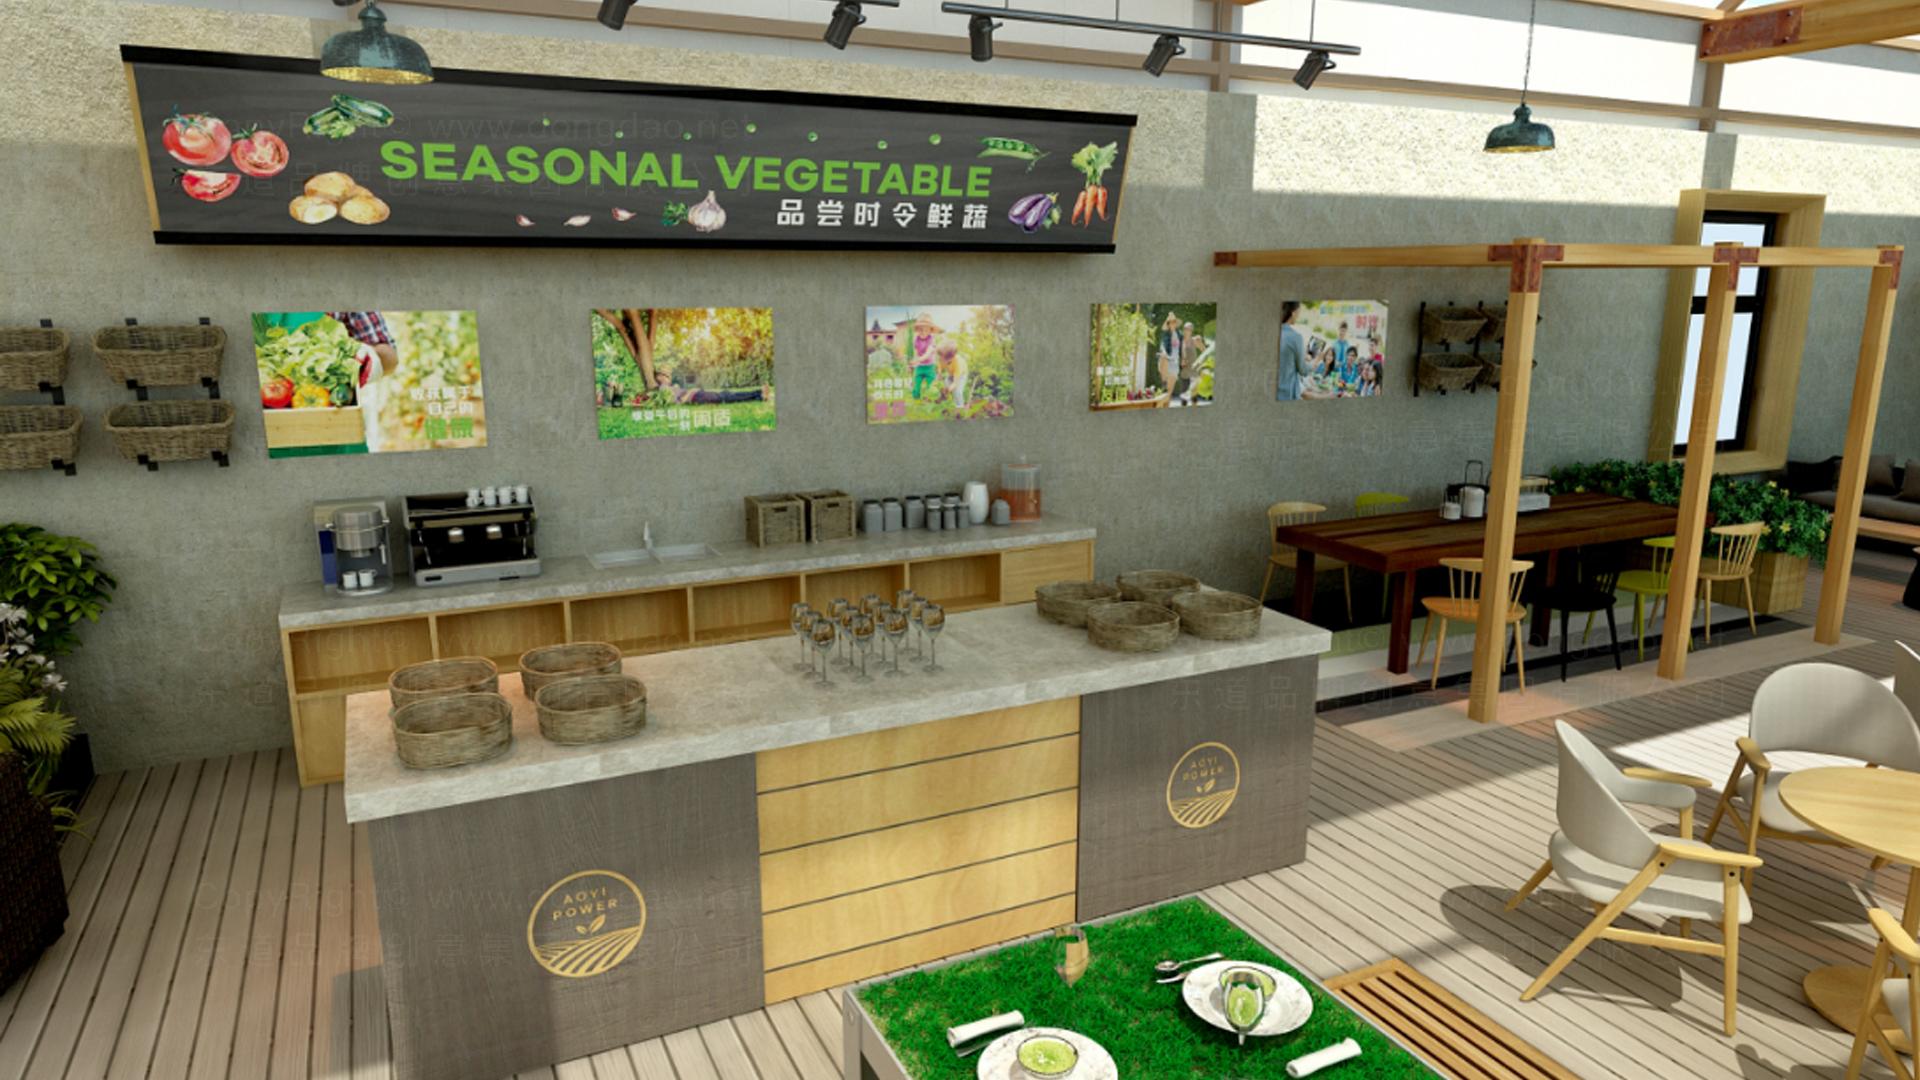 商业空间&导示奥一农场农场SI设计应用场景_6